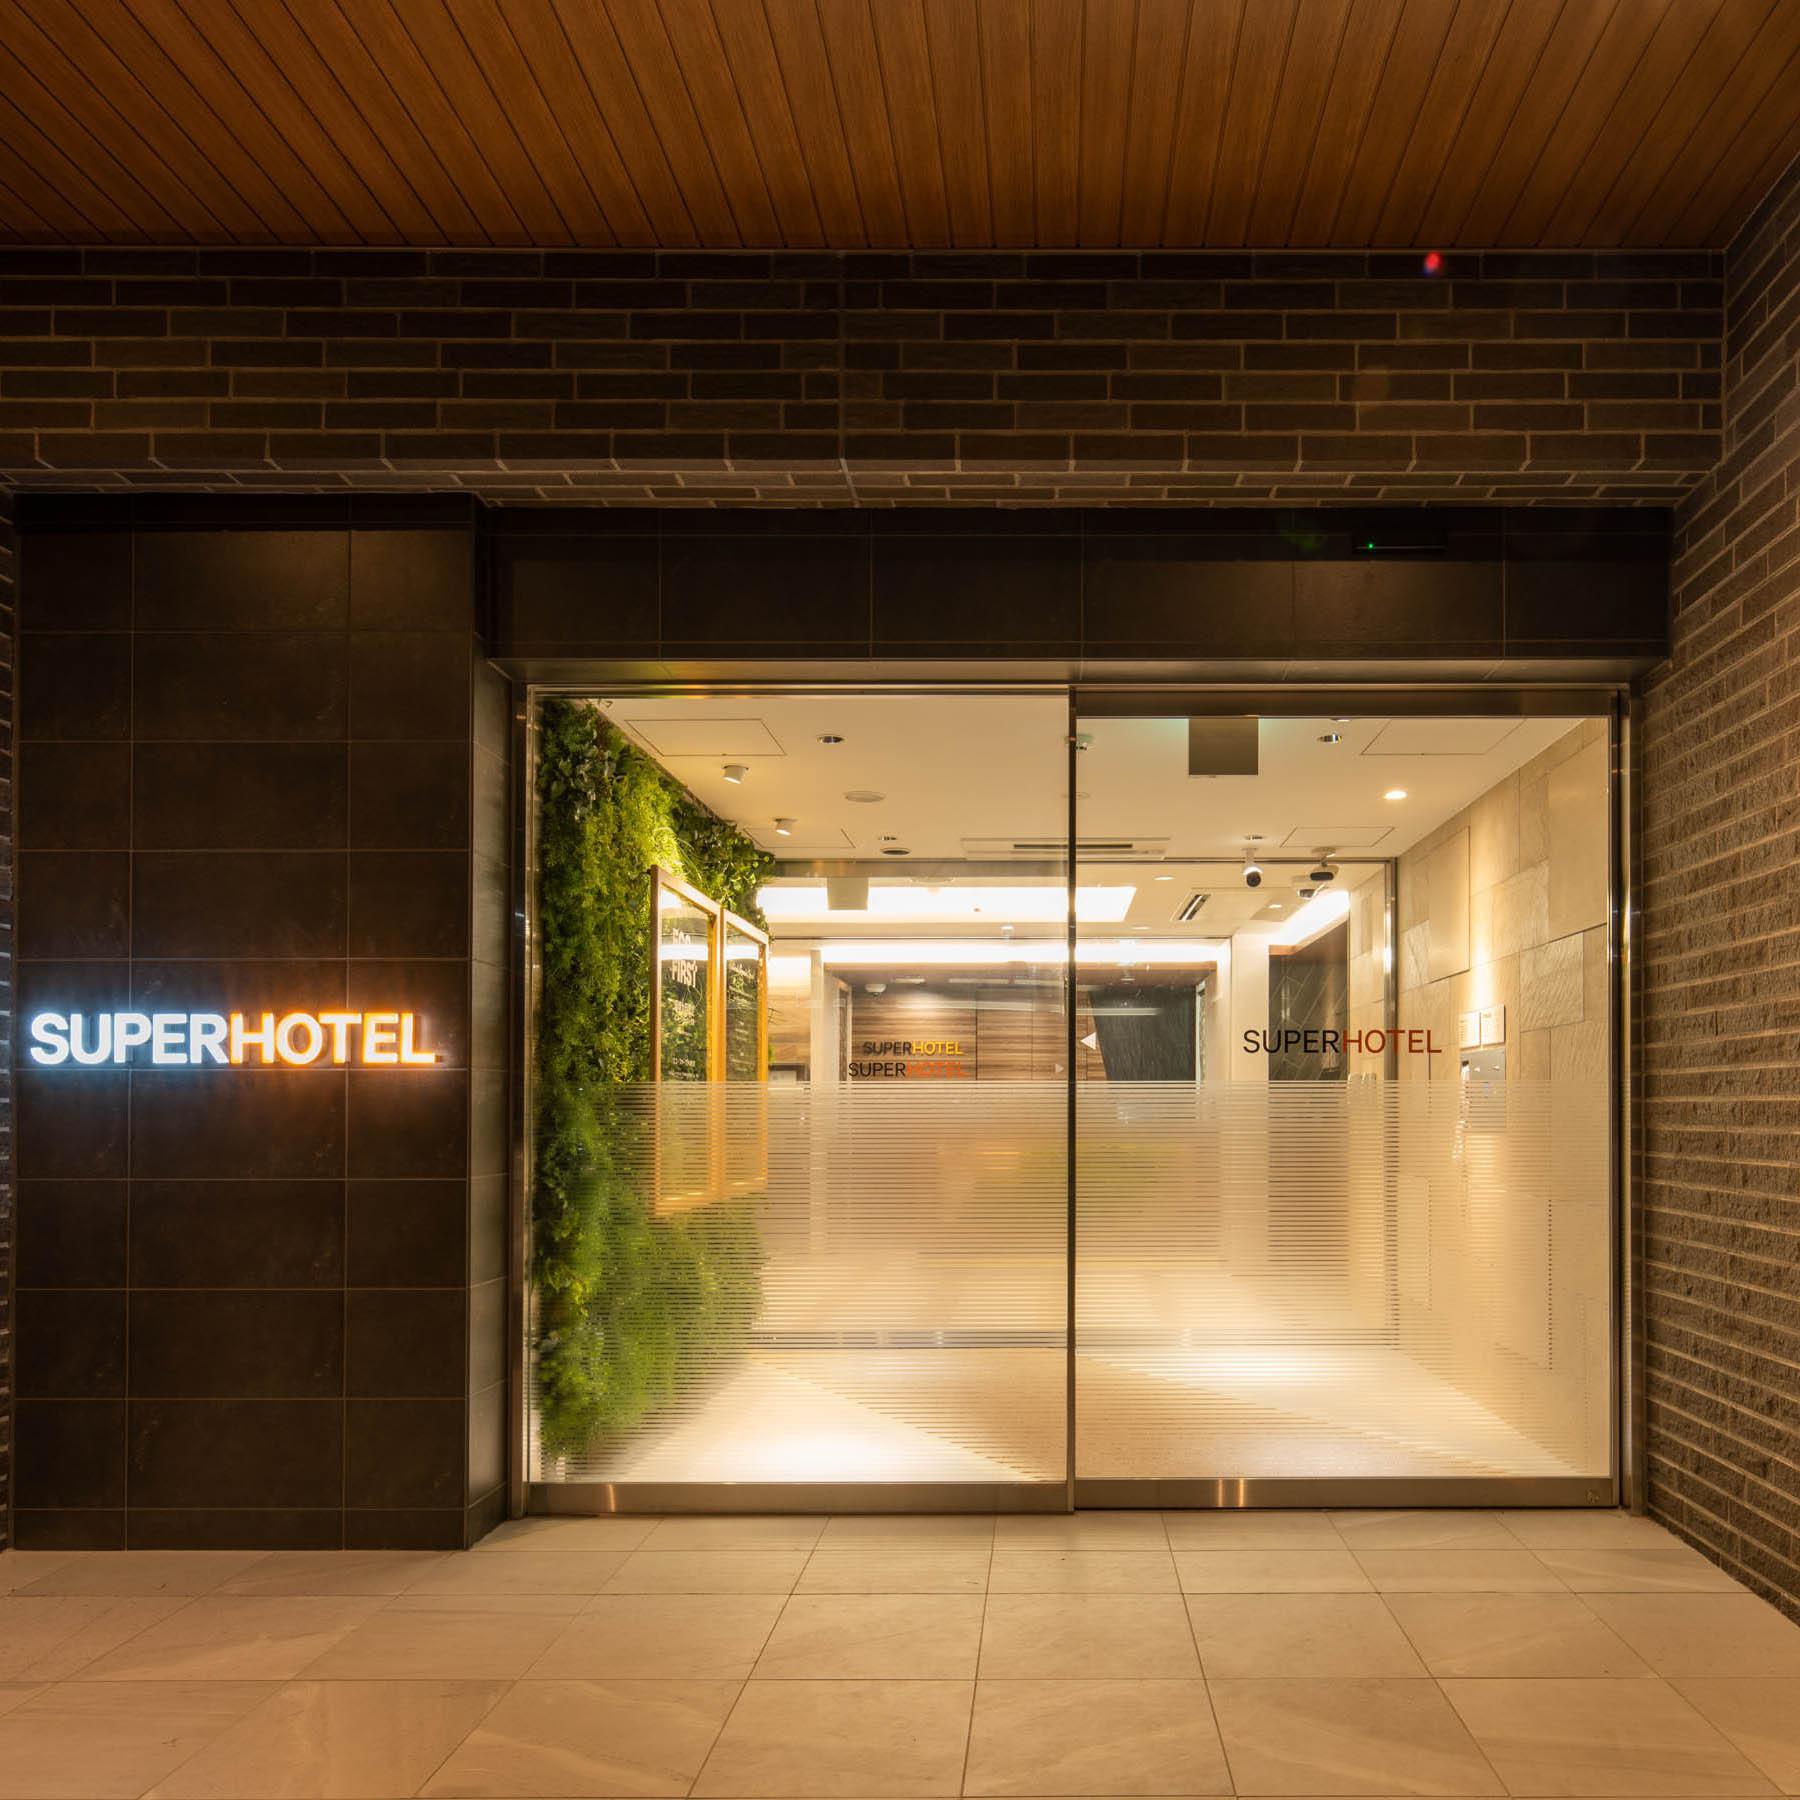 【2018年11月28日グランドオープン】スーパーホテル長野・飯田インター